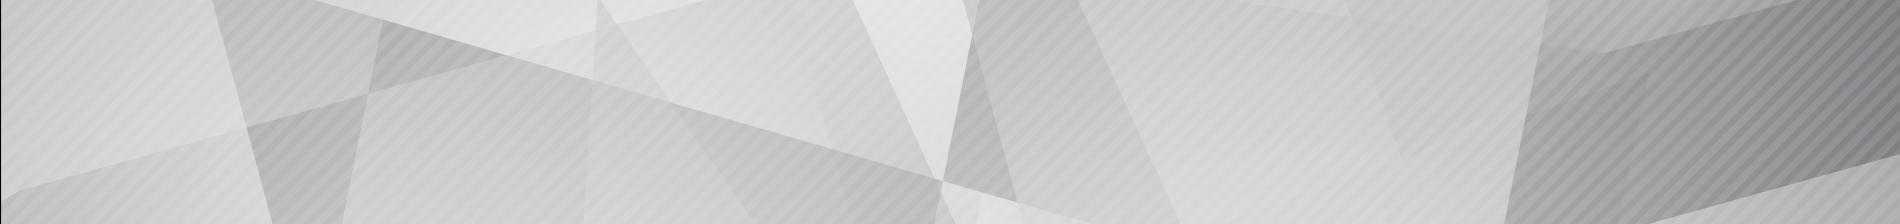 CORRIDA I-RUN - SANTA CLAUS CHALLENGE - 2018 - Imagem de topo